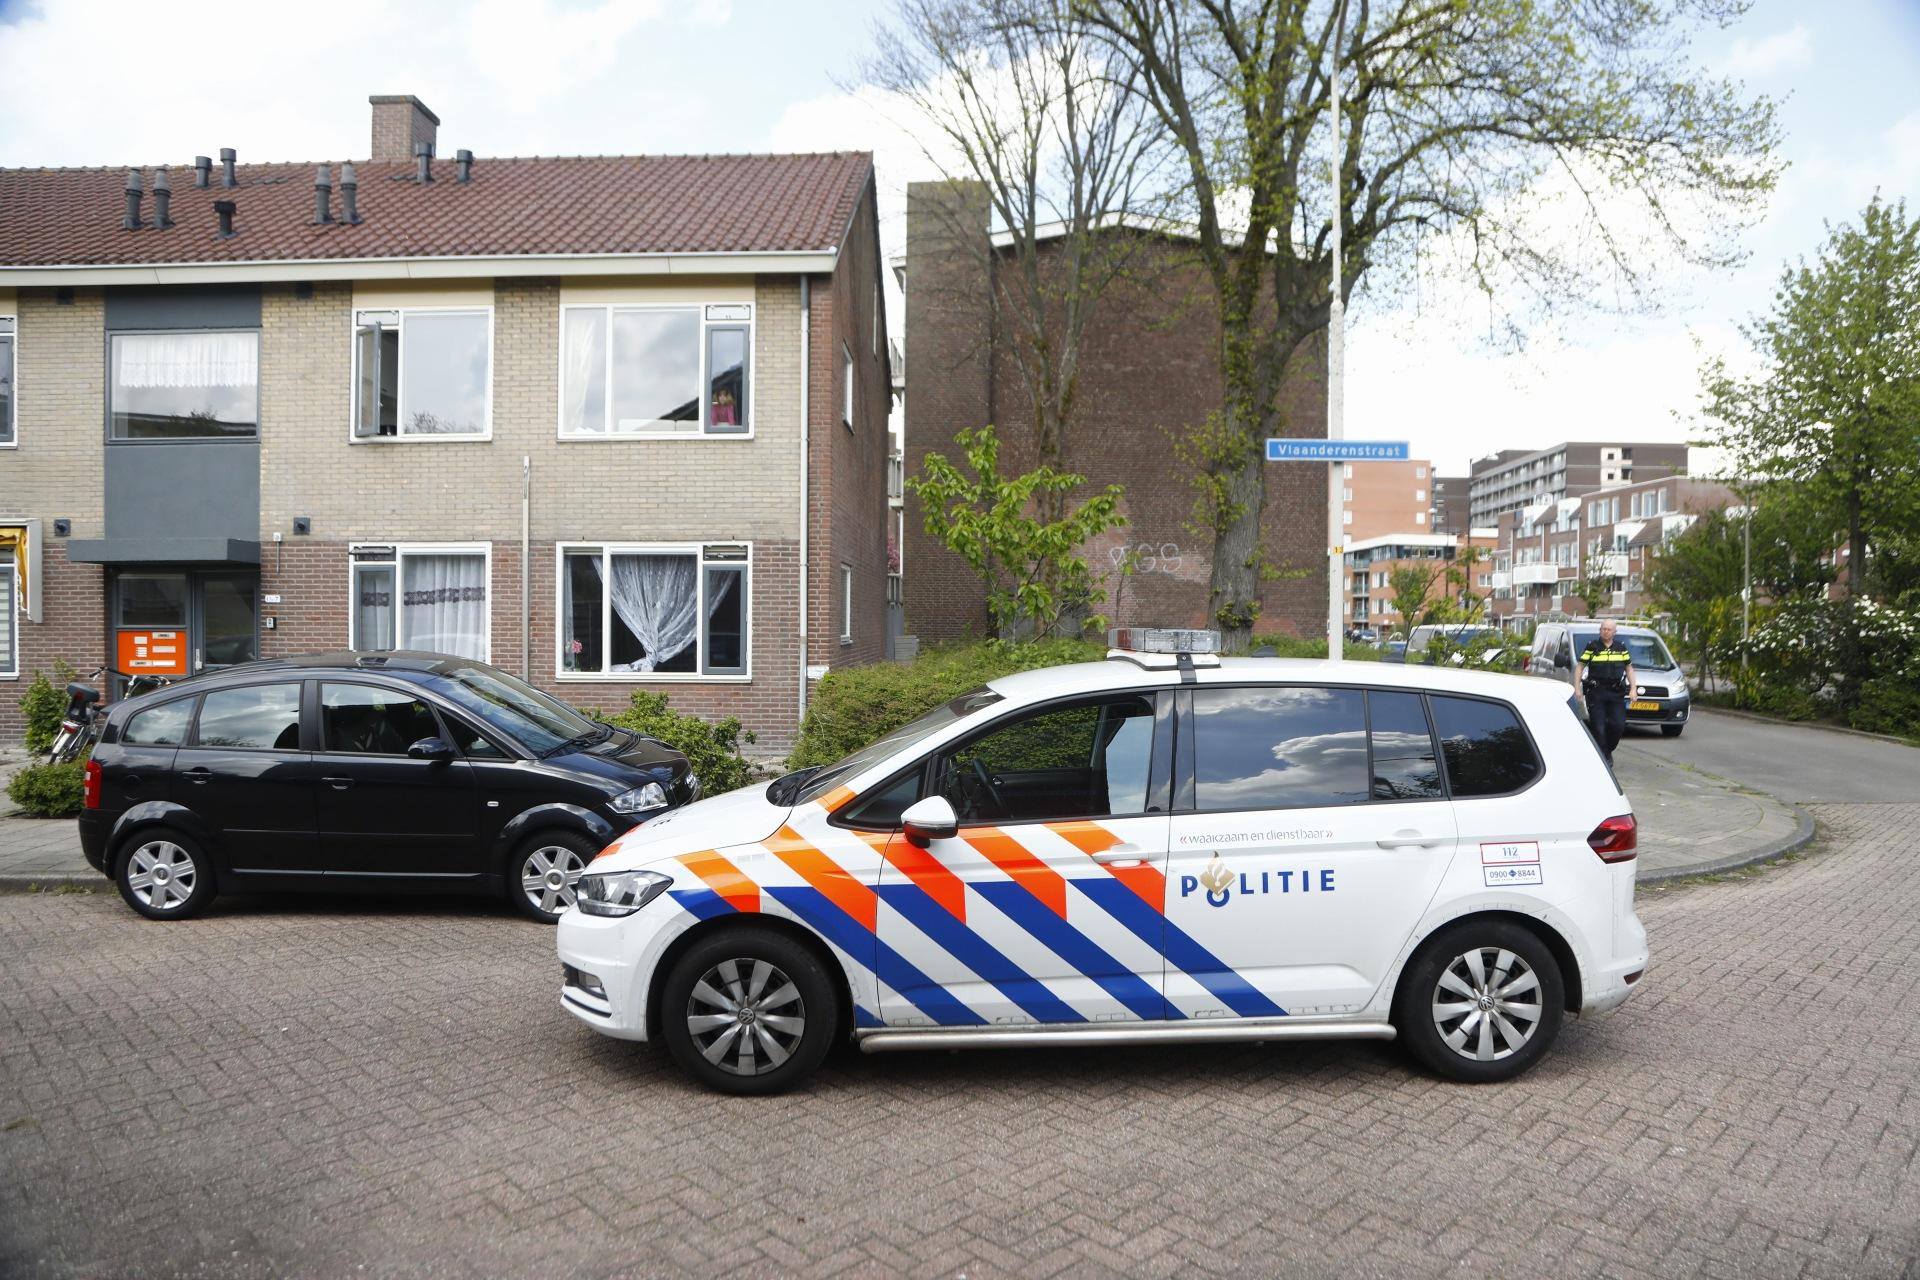 Politie arresteert inbreker in Beverwijk